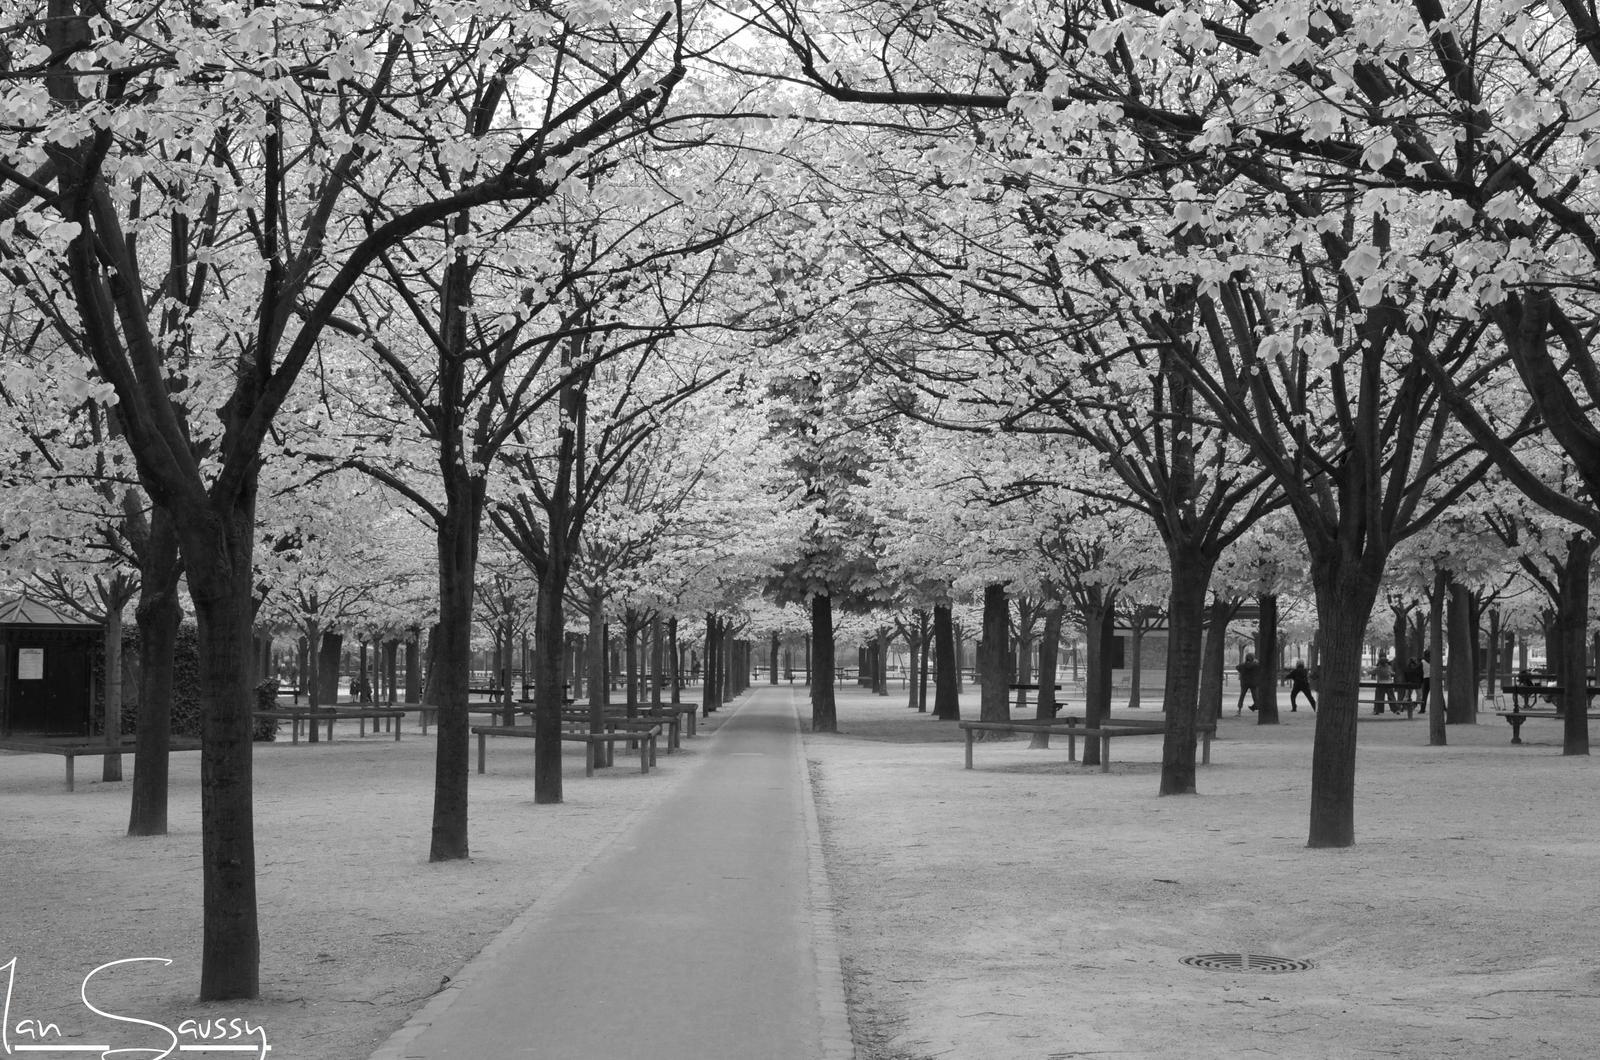 The Park by iamsaussy